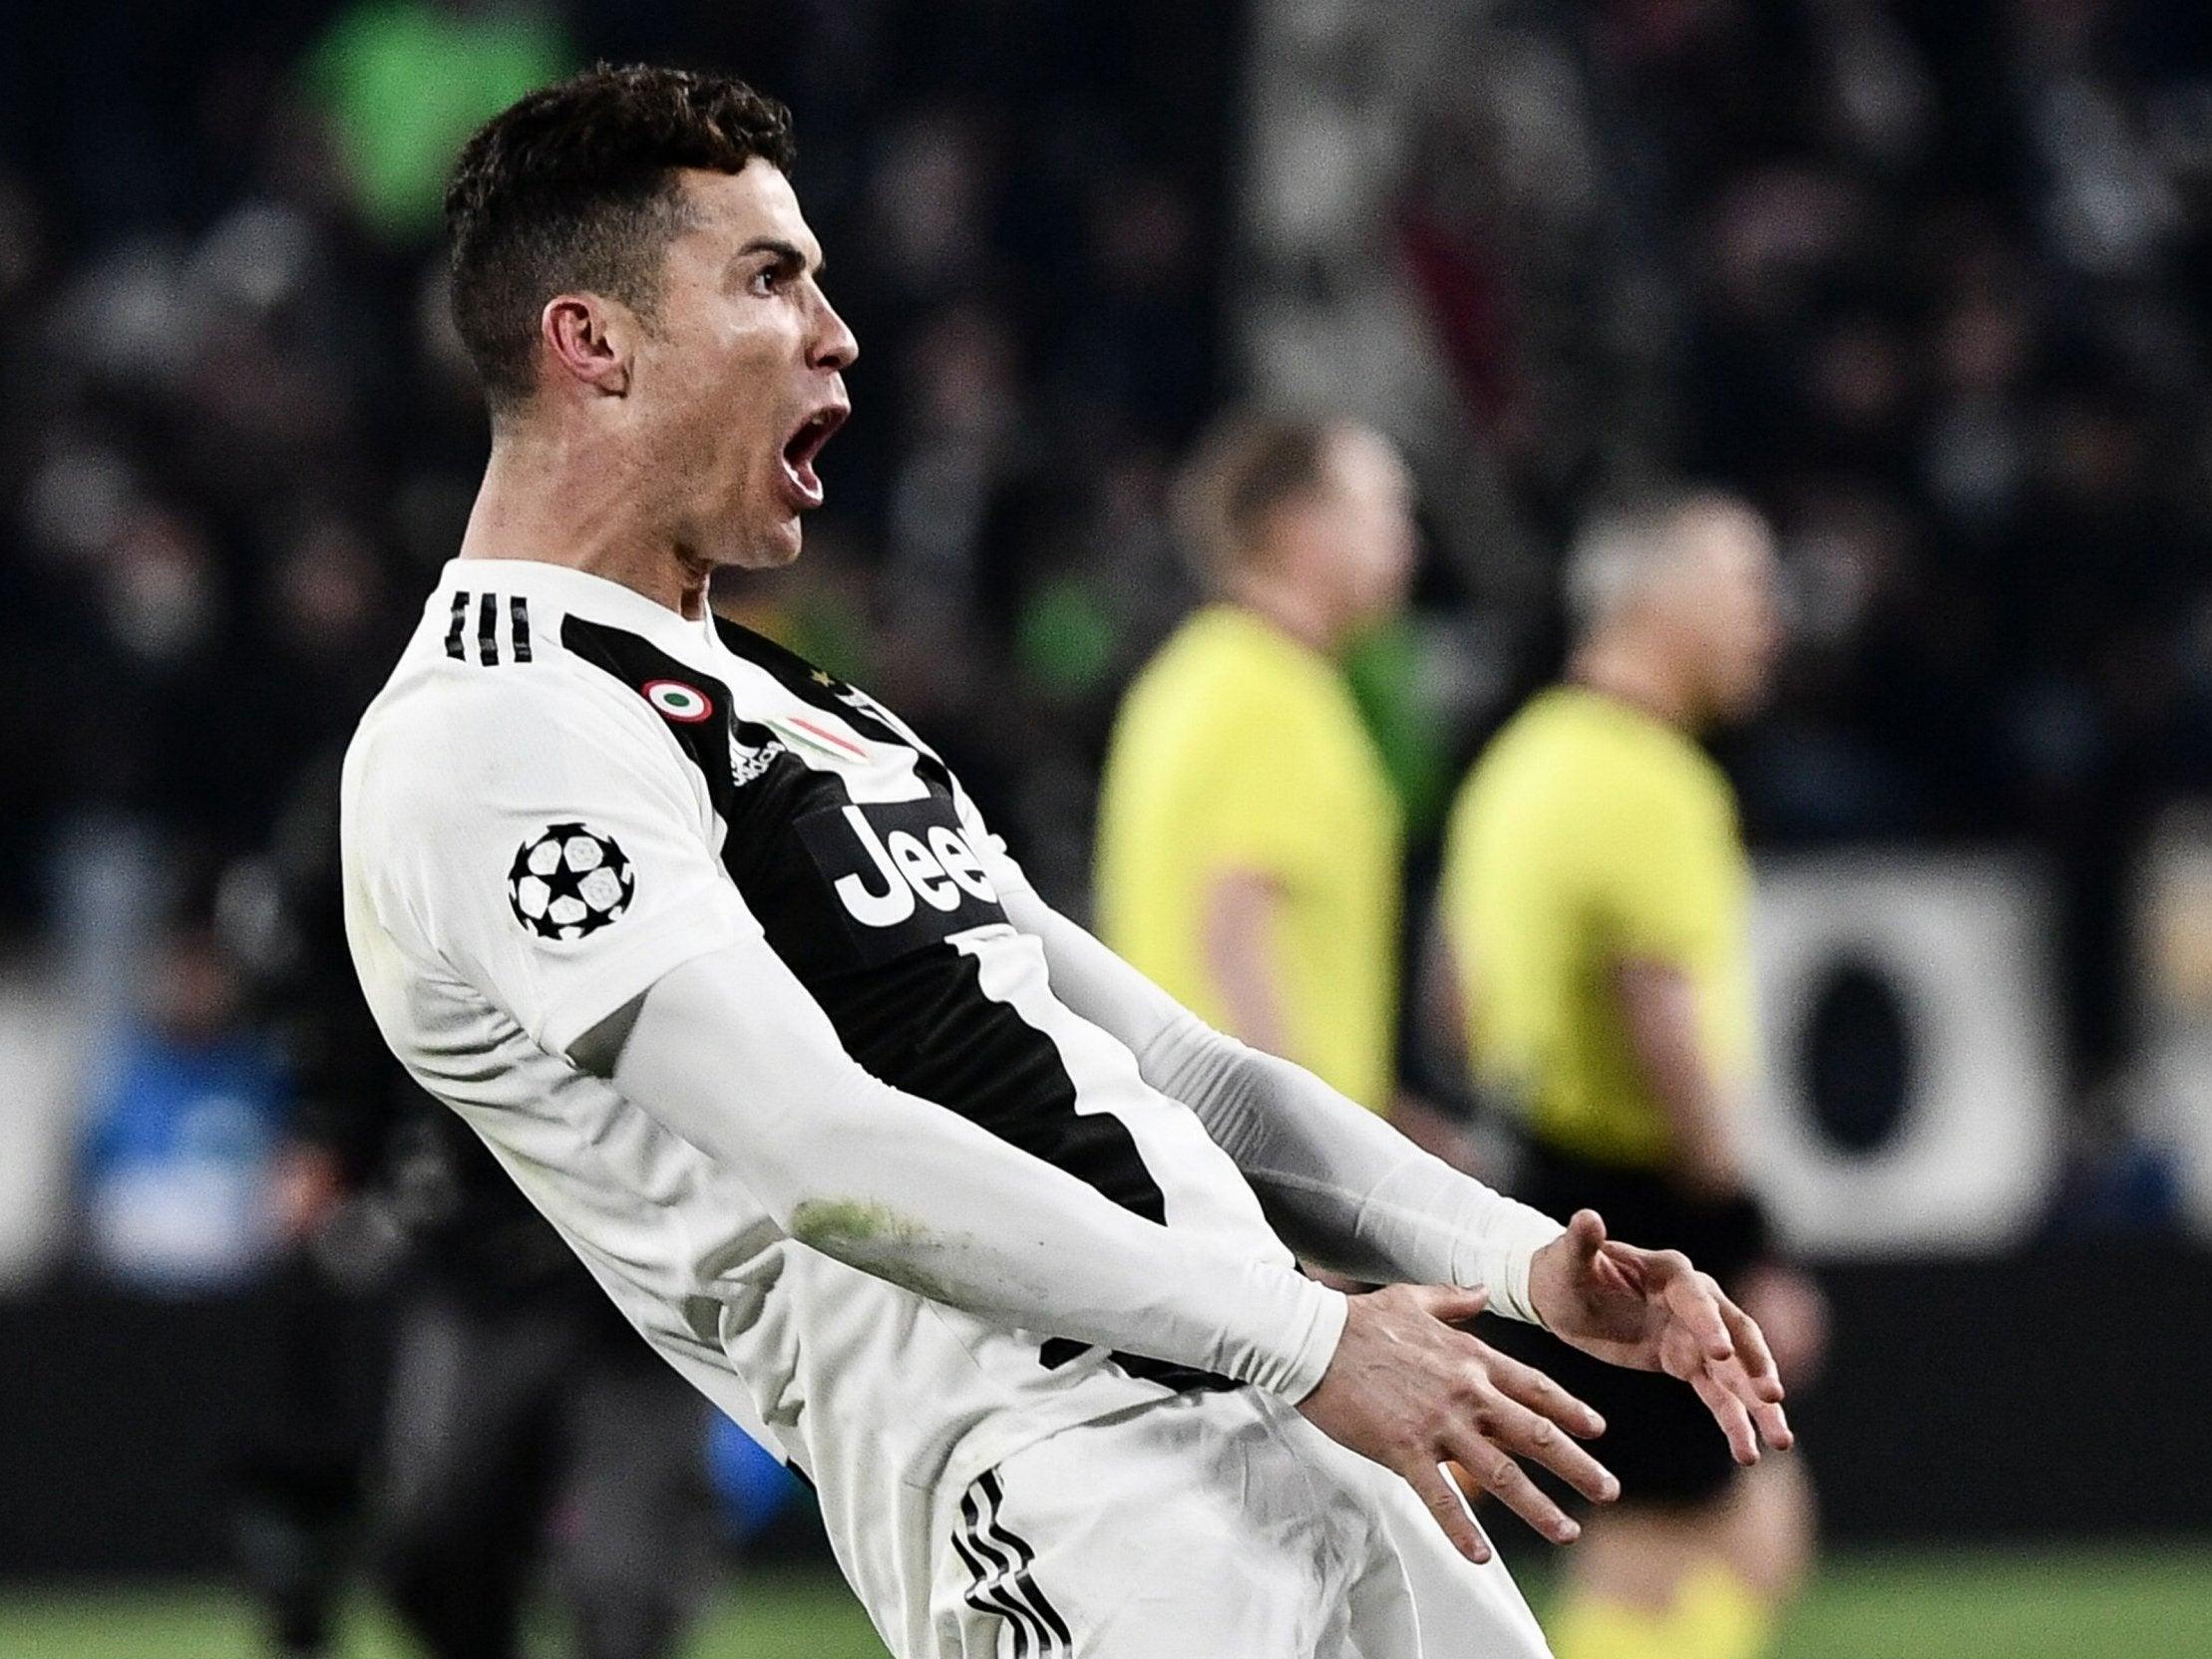 რონალდო UEFA-ს ჯარიმას ვერ გადაურჩა, ლიგის გოლის აღიშვნა რონალდოს ძვირი დაუჯდა